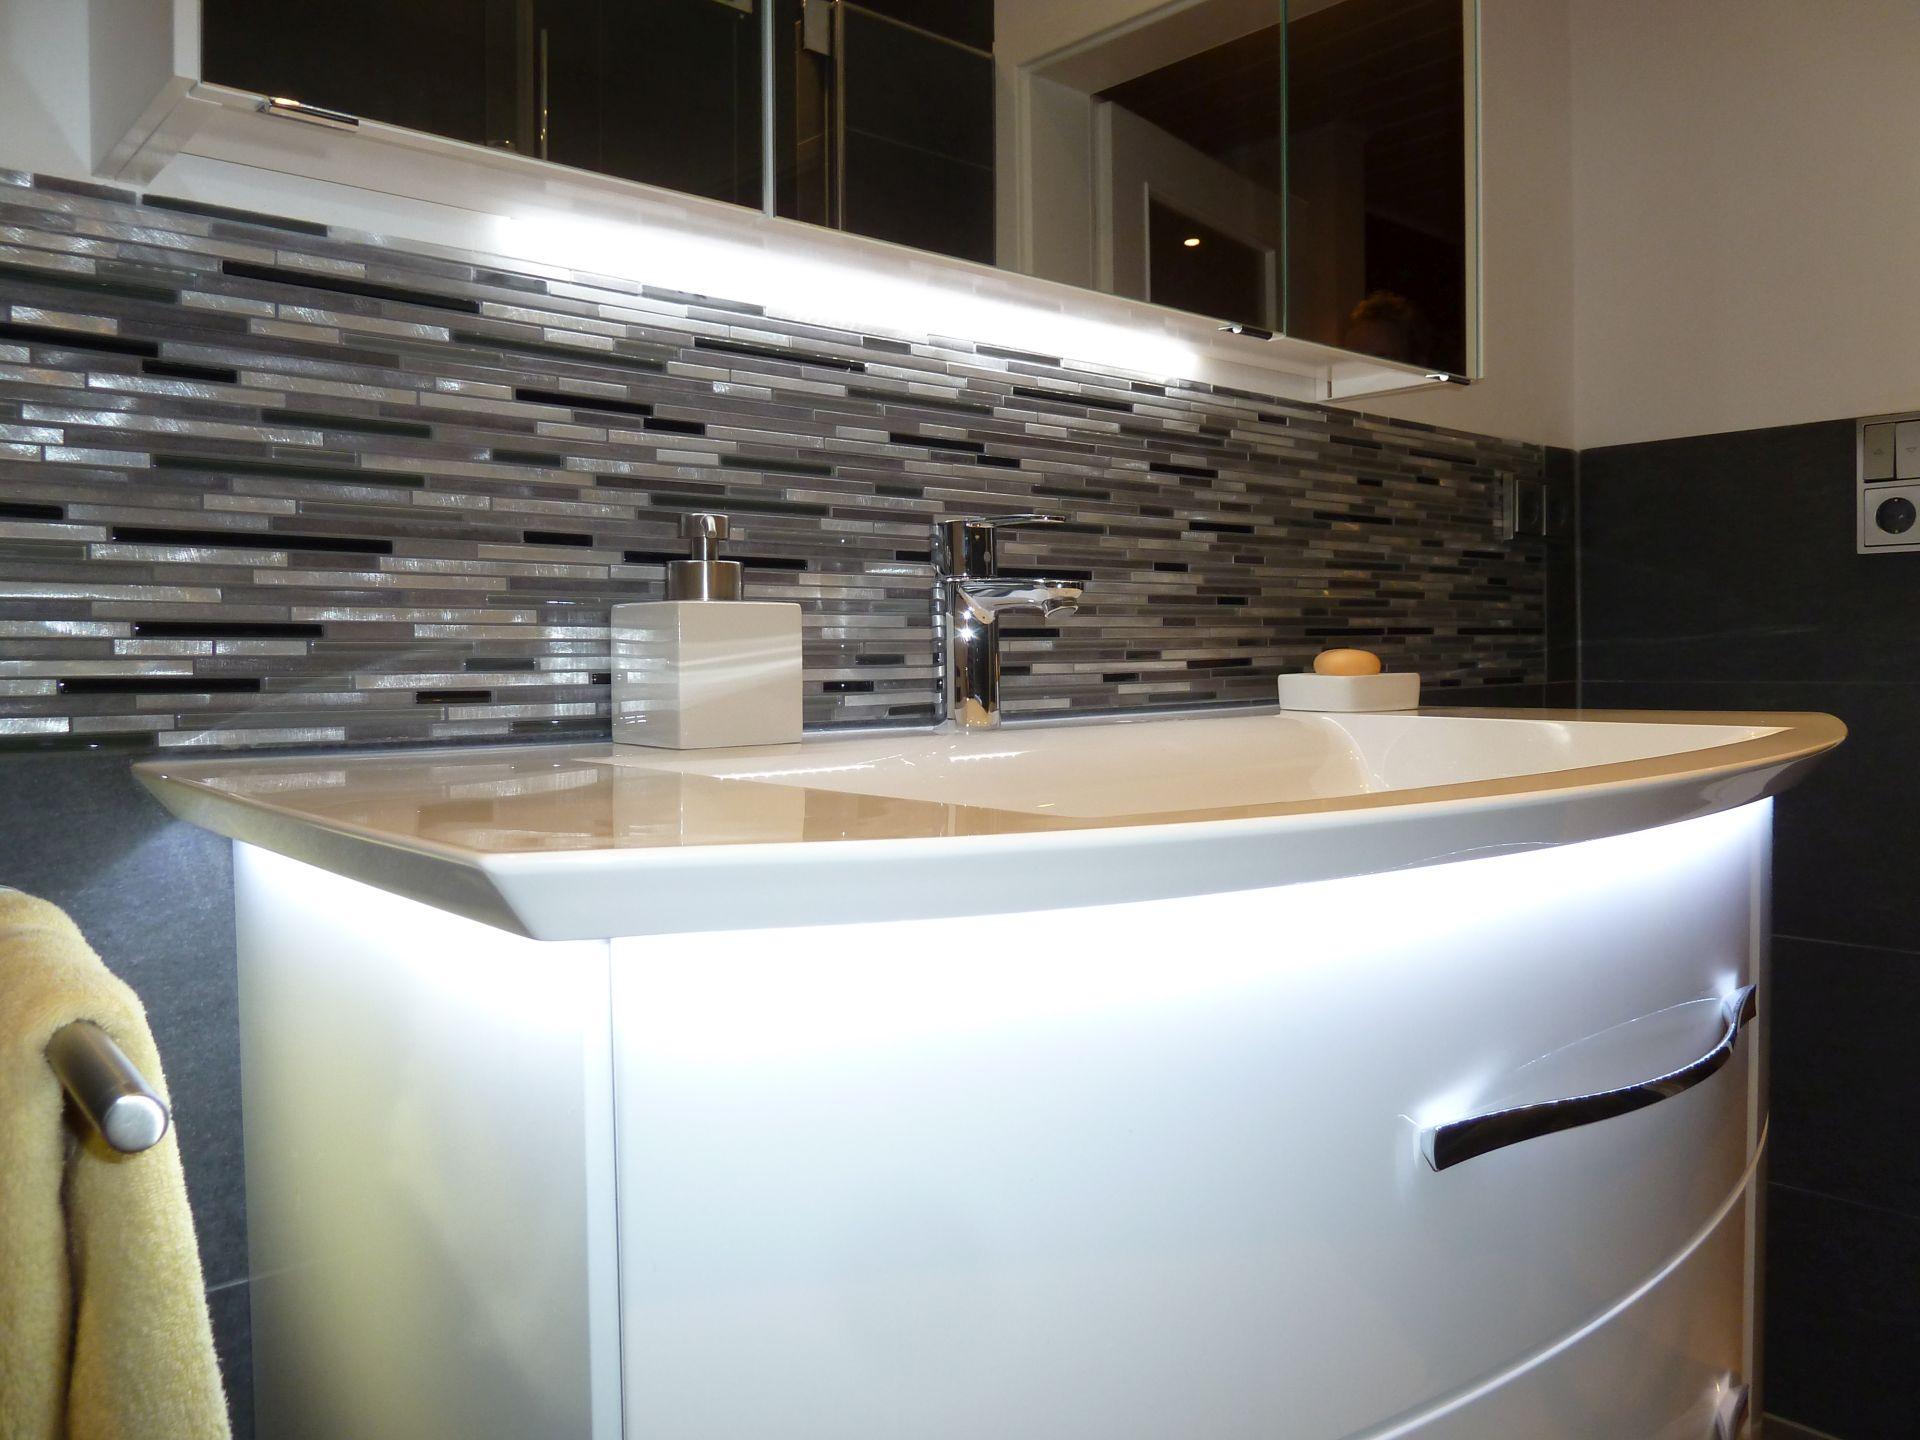 eleganz und moderne in einem bad mit beleuchteten badm beln will bad heizung fulda. Black Bedroom Furniture Sets. Home Design Ideas